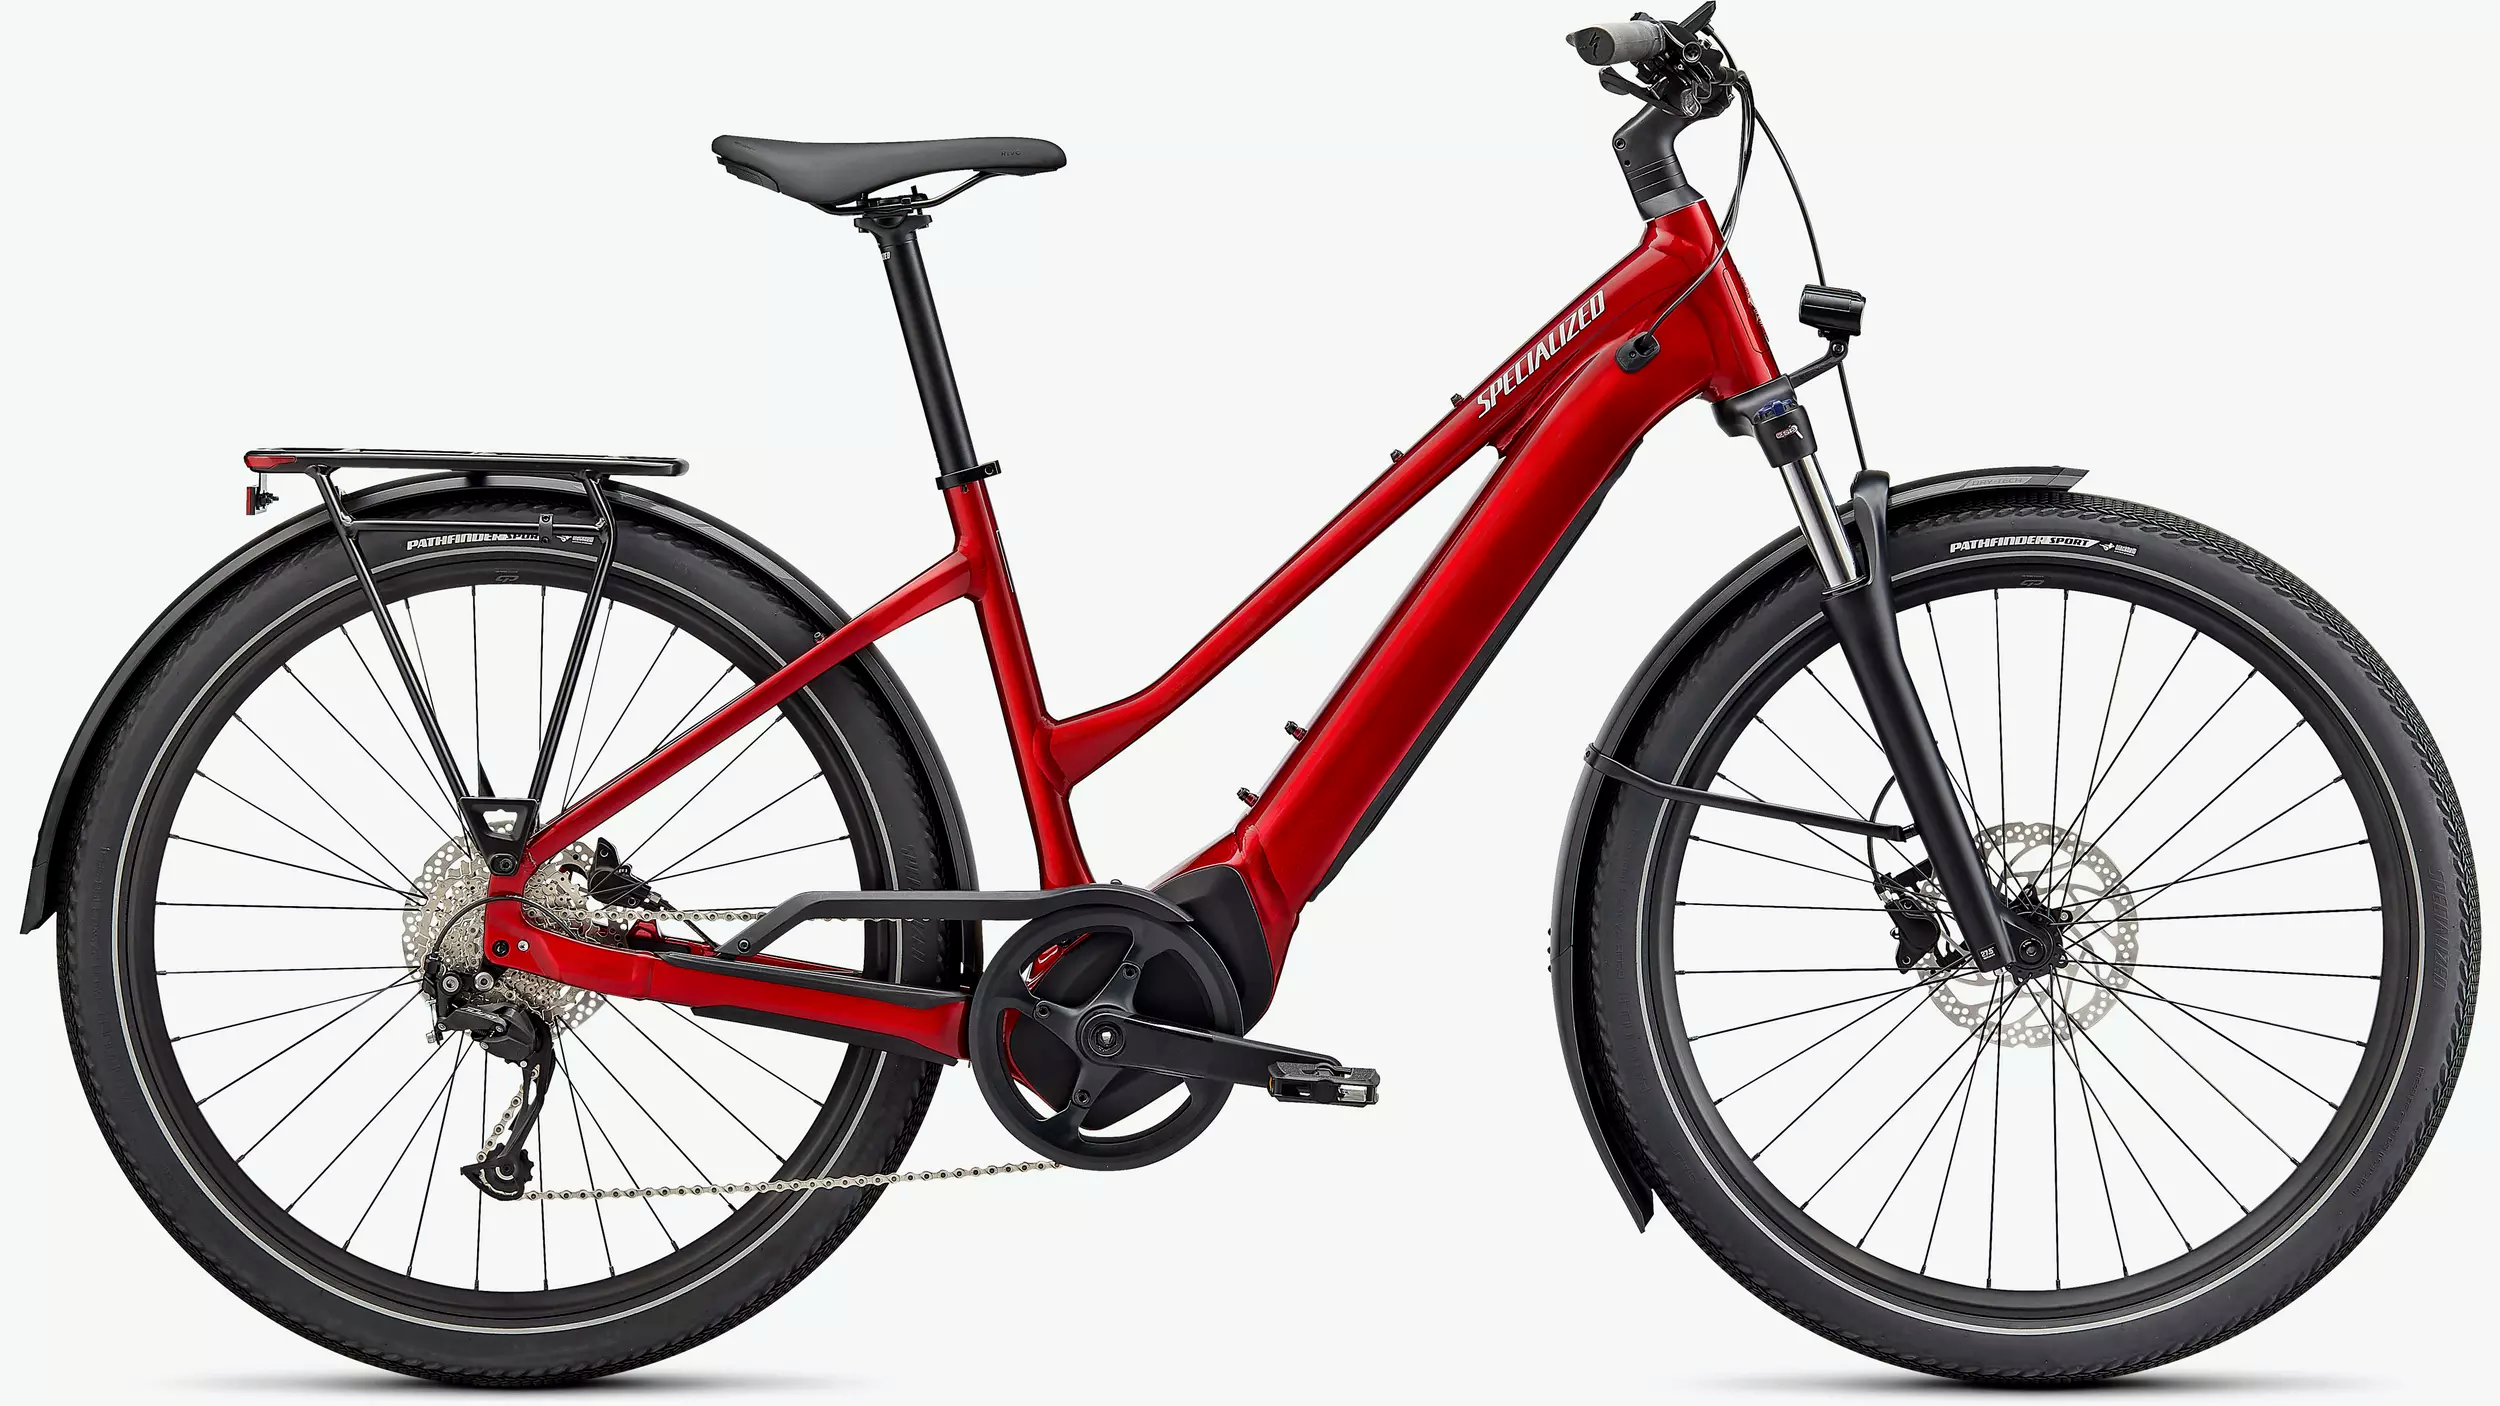 Trek Remedy 9.7 27.5 Sram Eagle Mountain Bike 2020 Matte Blue